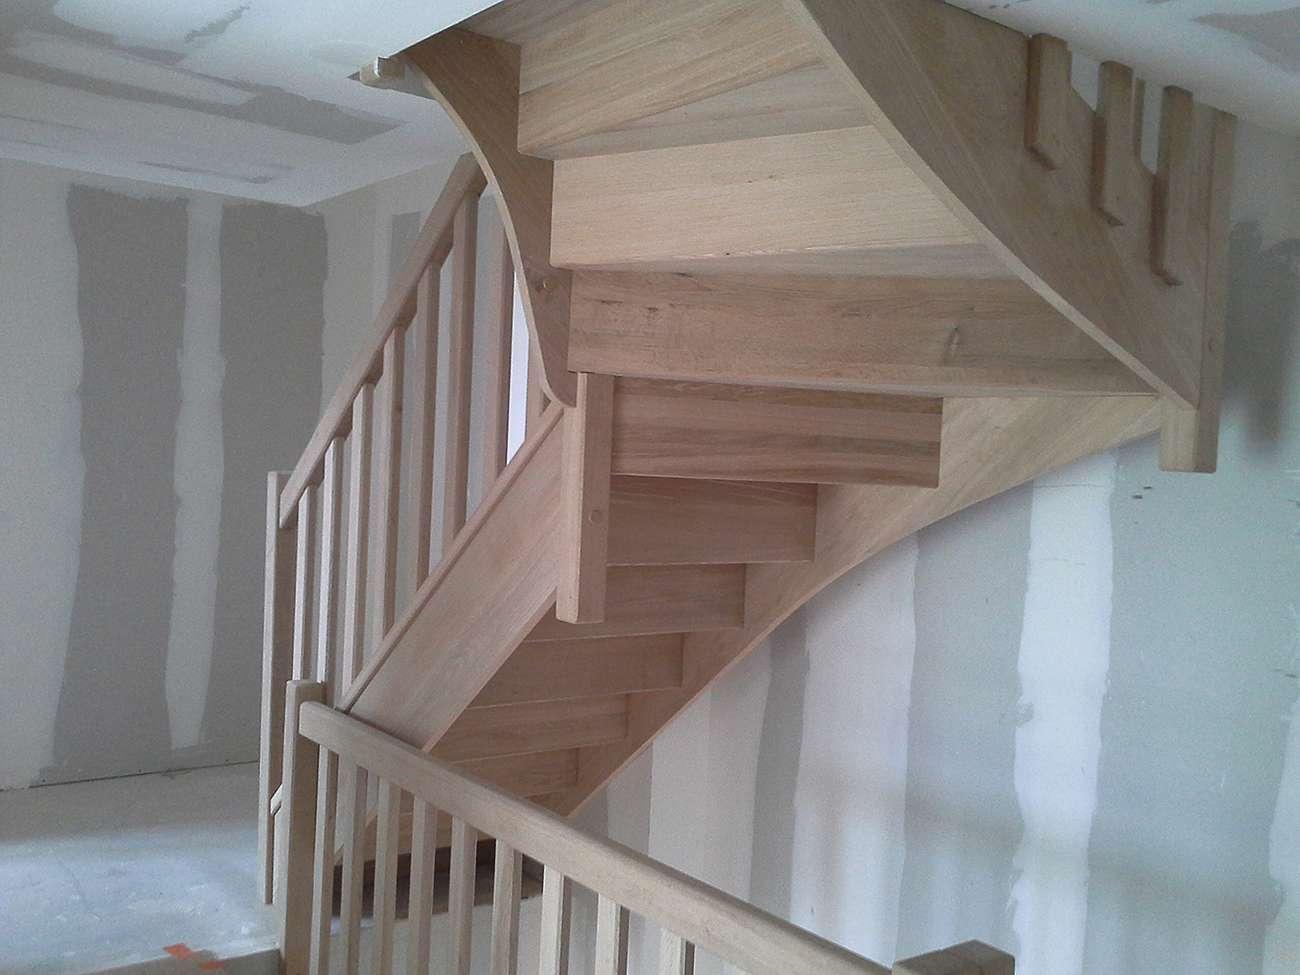 Vue d 39 un escalier fabriqu pour une maison passive en bois - Maison passive renovation ...